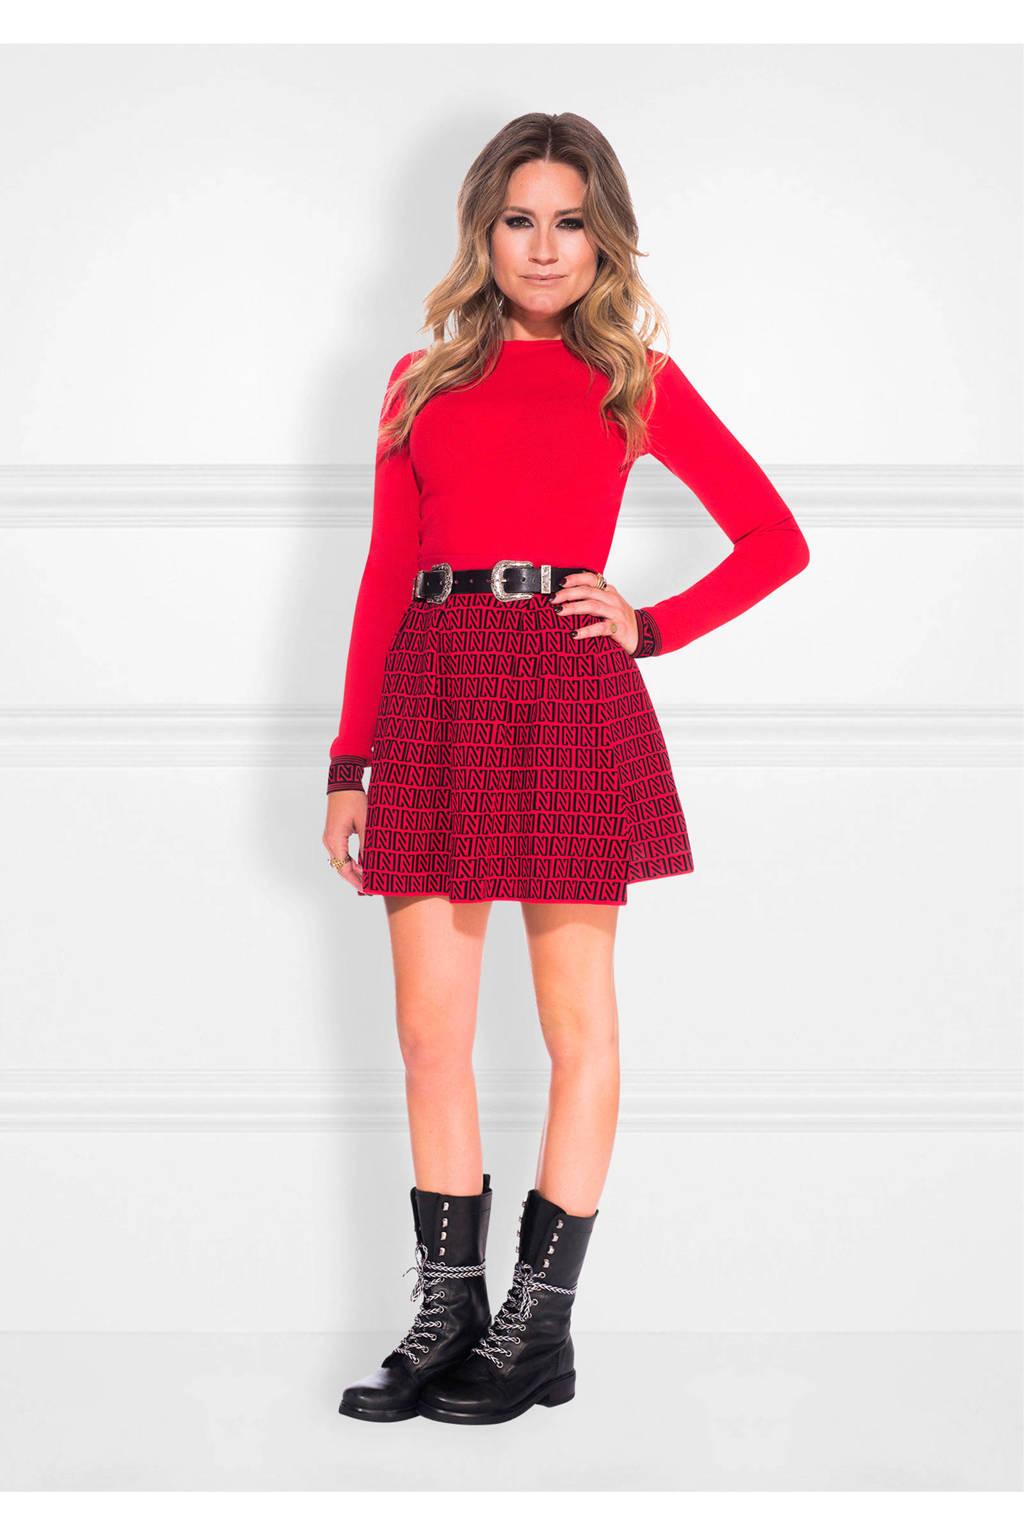 NIKKIE rok met logo rood/ zwart